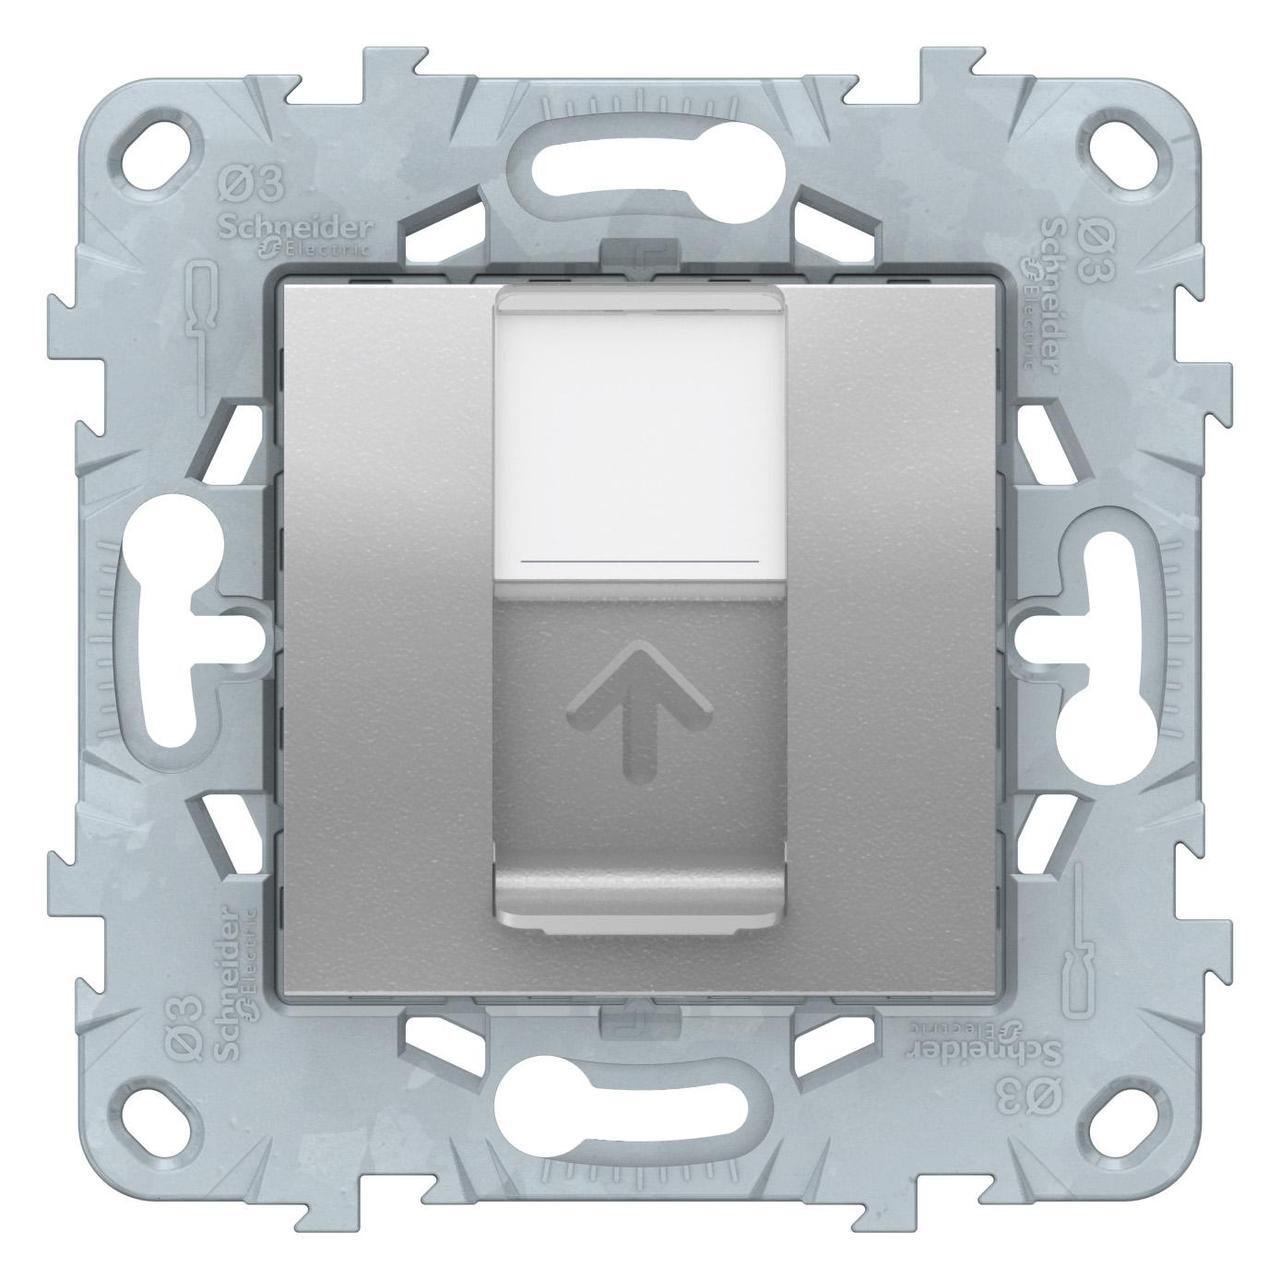 Розетка компьютерная 1-ая кат.6, RJ-45 (интернет) , Алюминий, серия Unica New, Schneider Electric